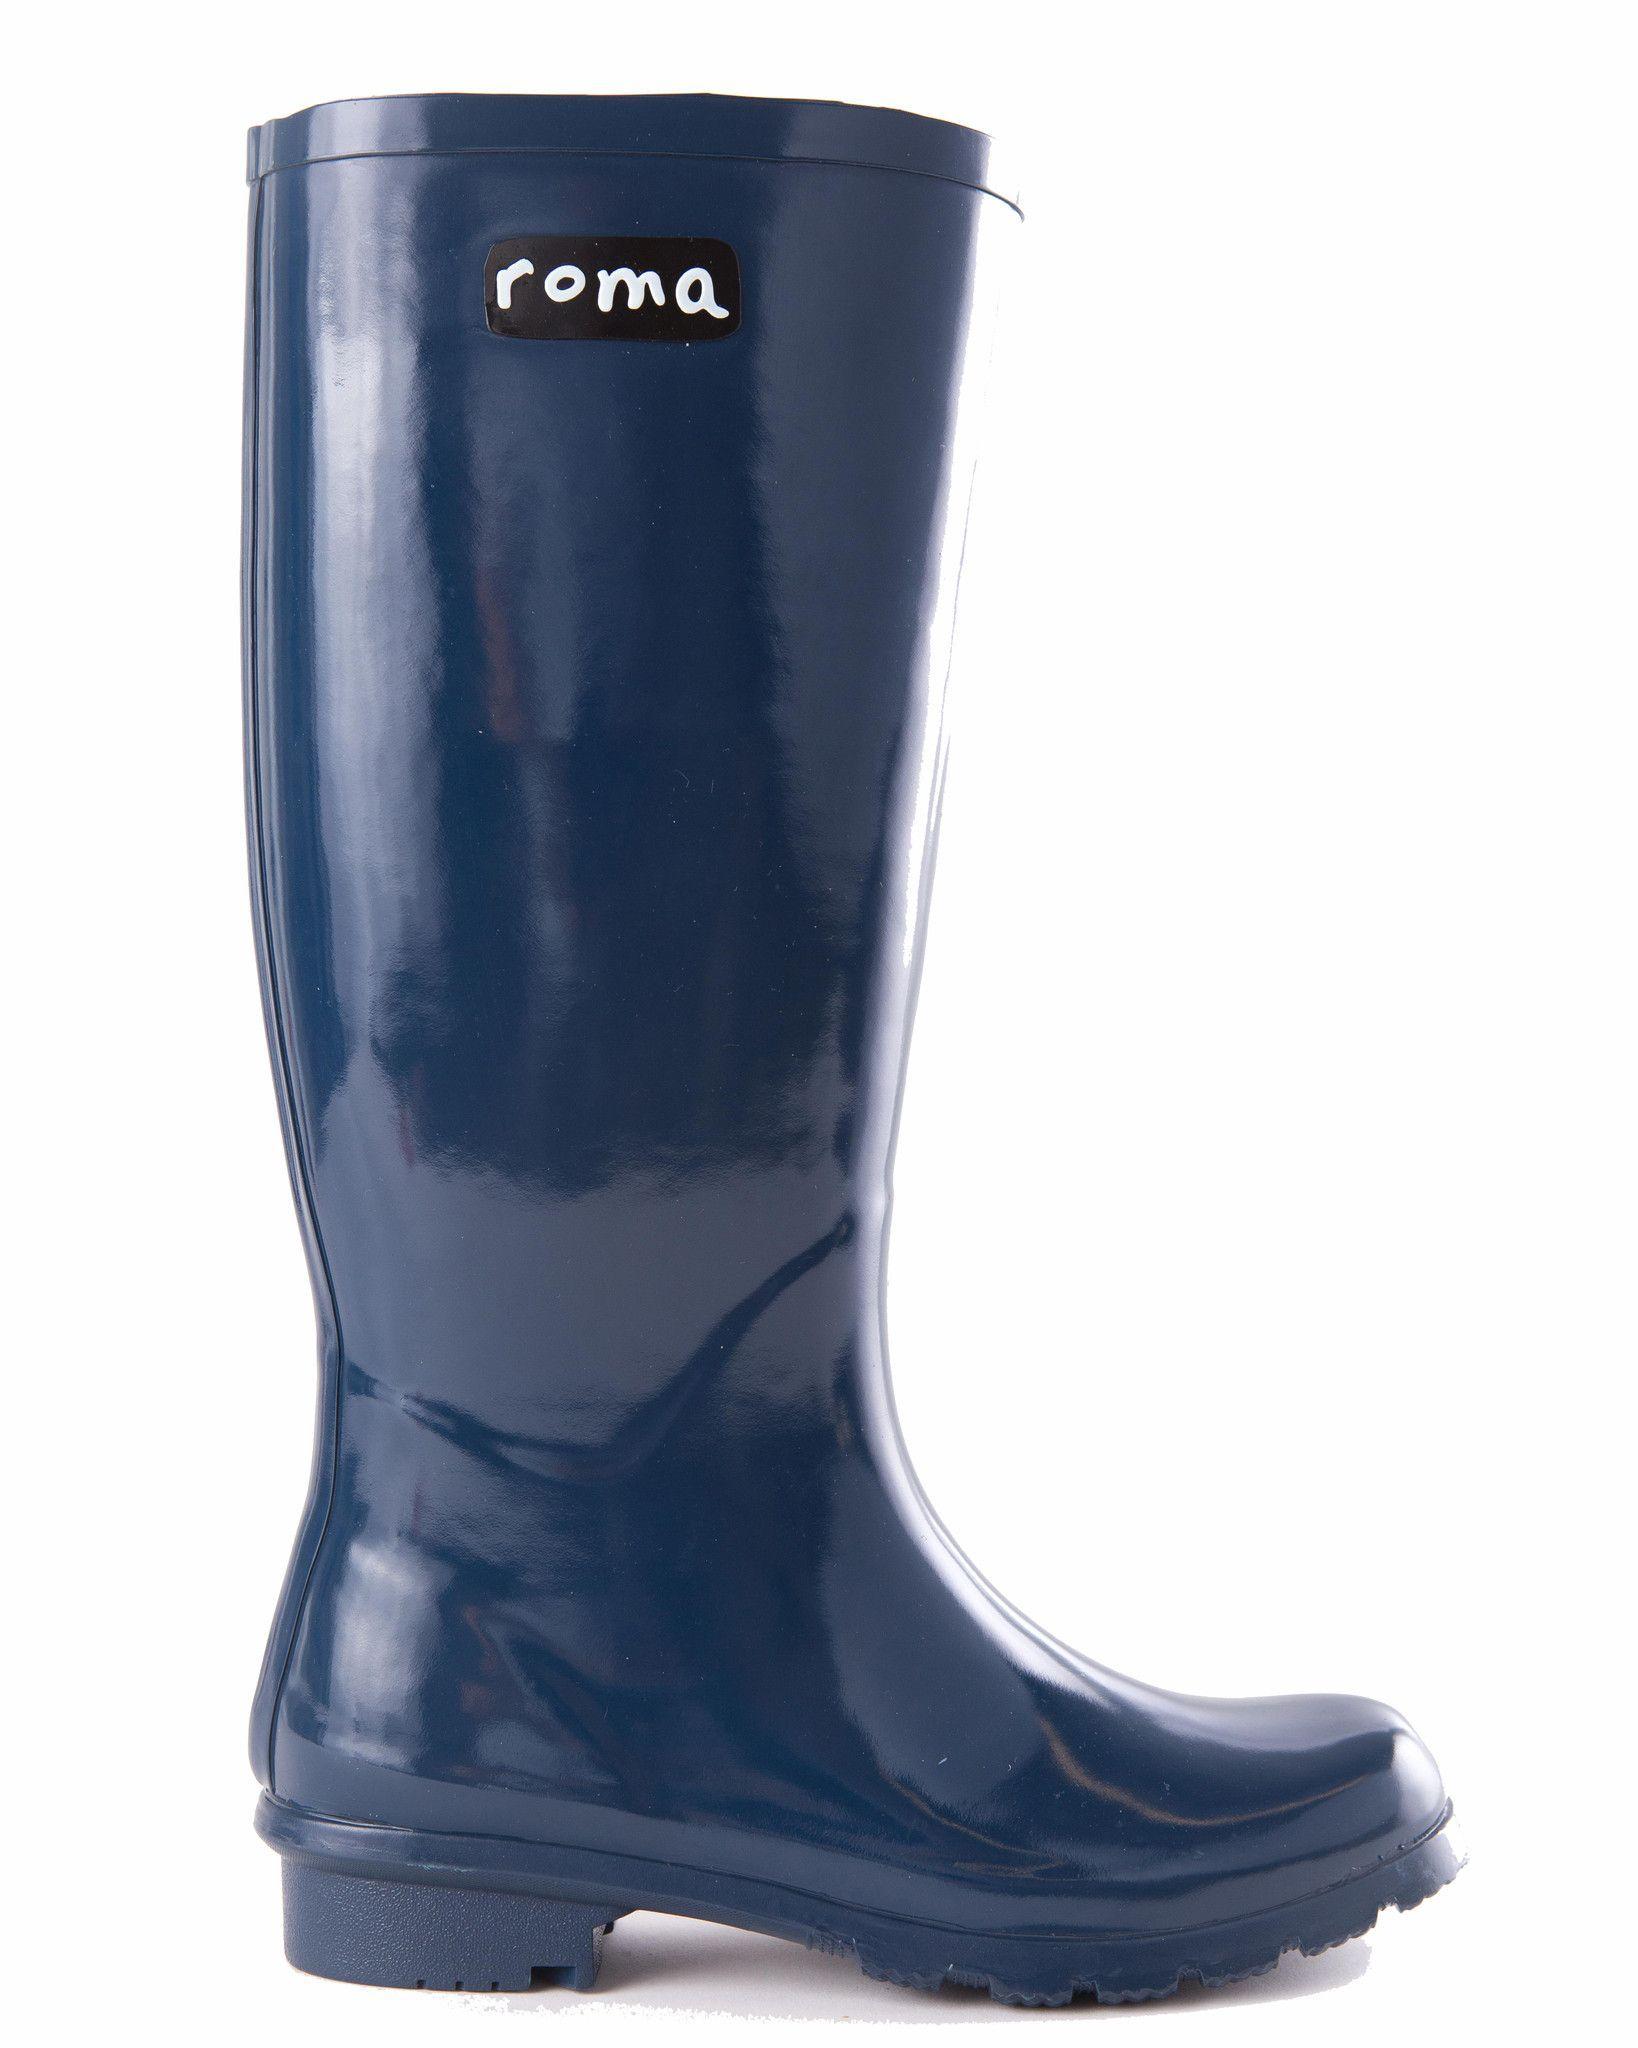 Women's Emma Classic Rain Boots